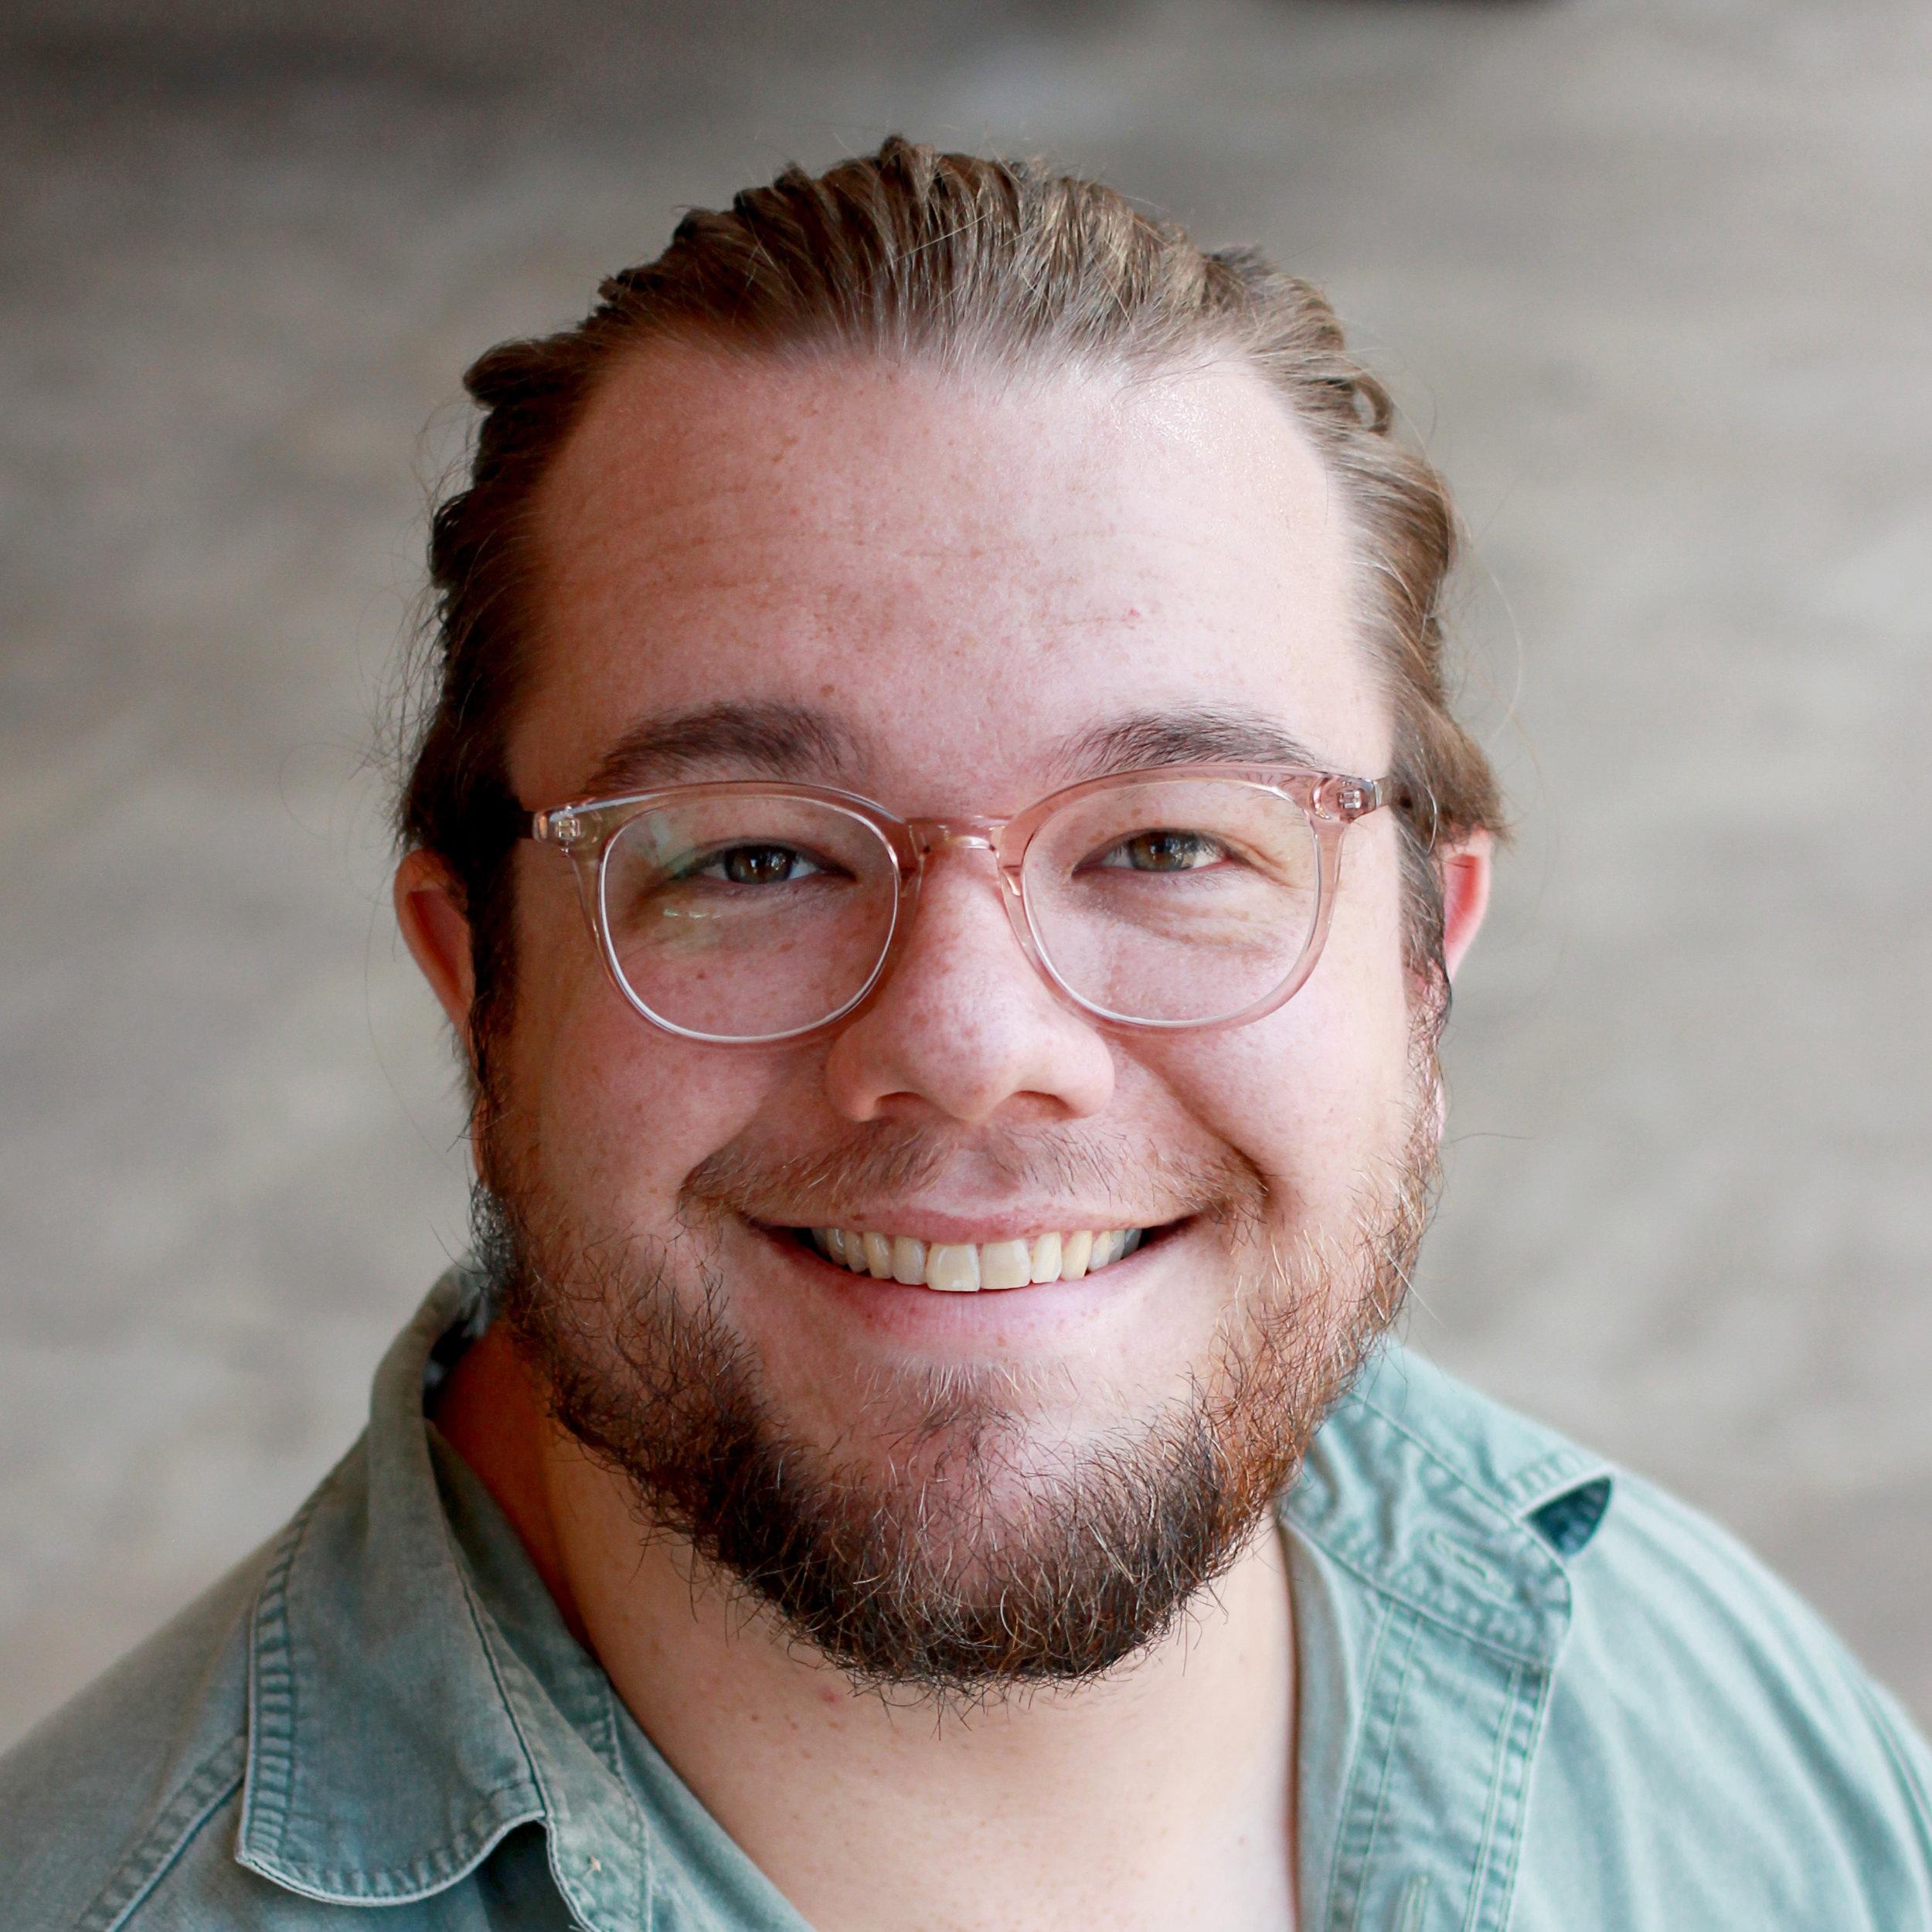 Matt+Croushorn+Web.jpg